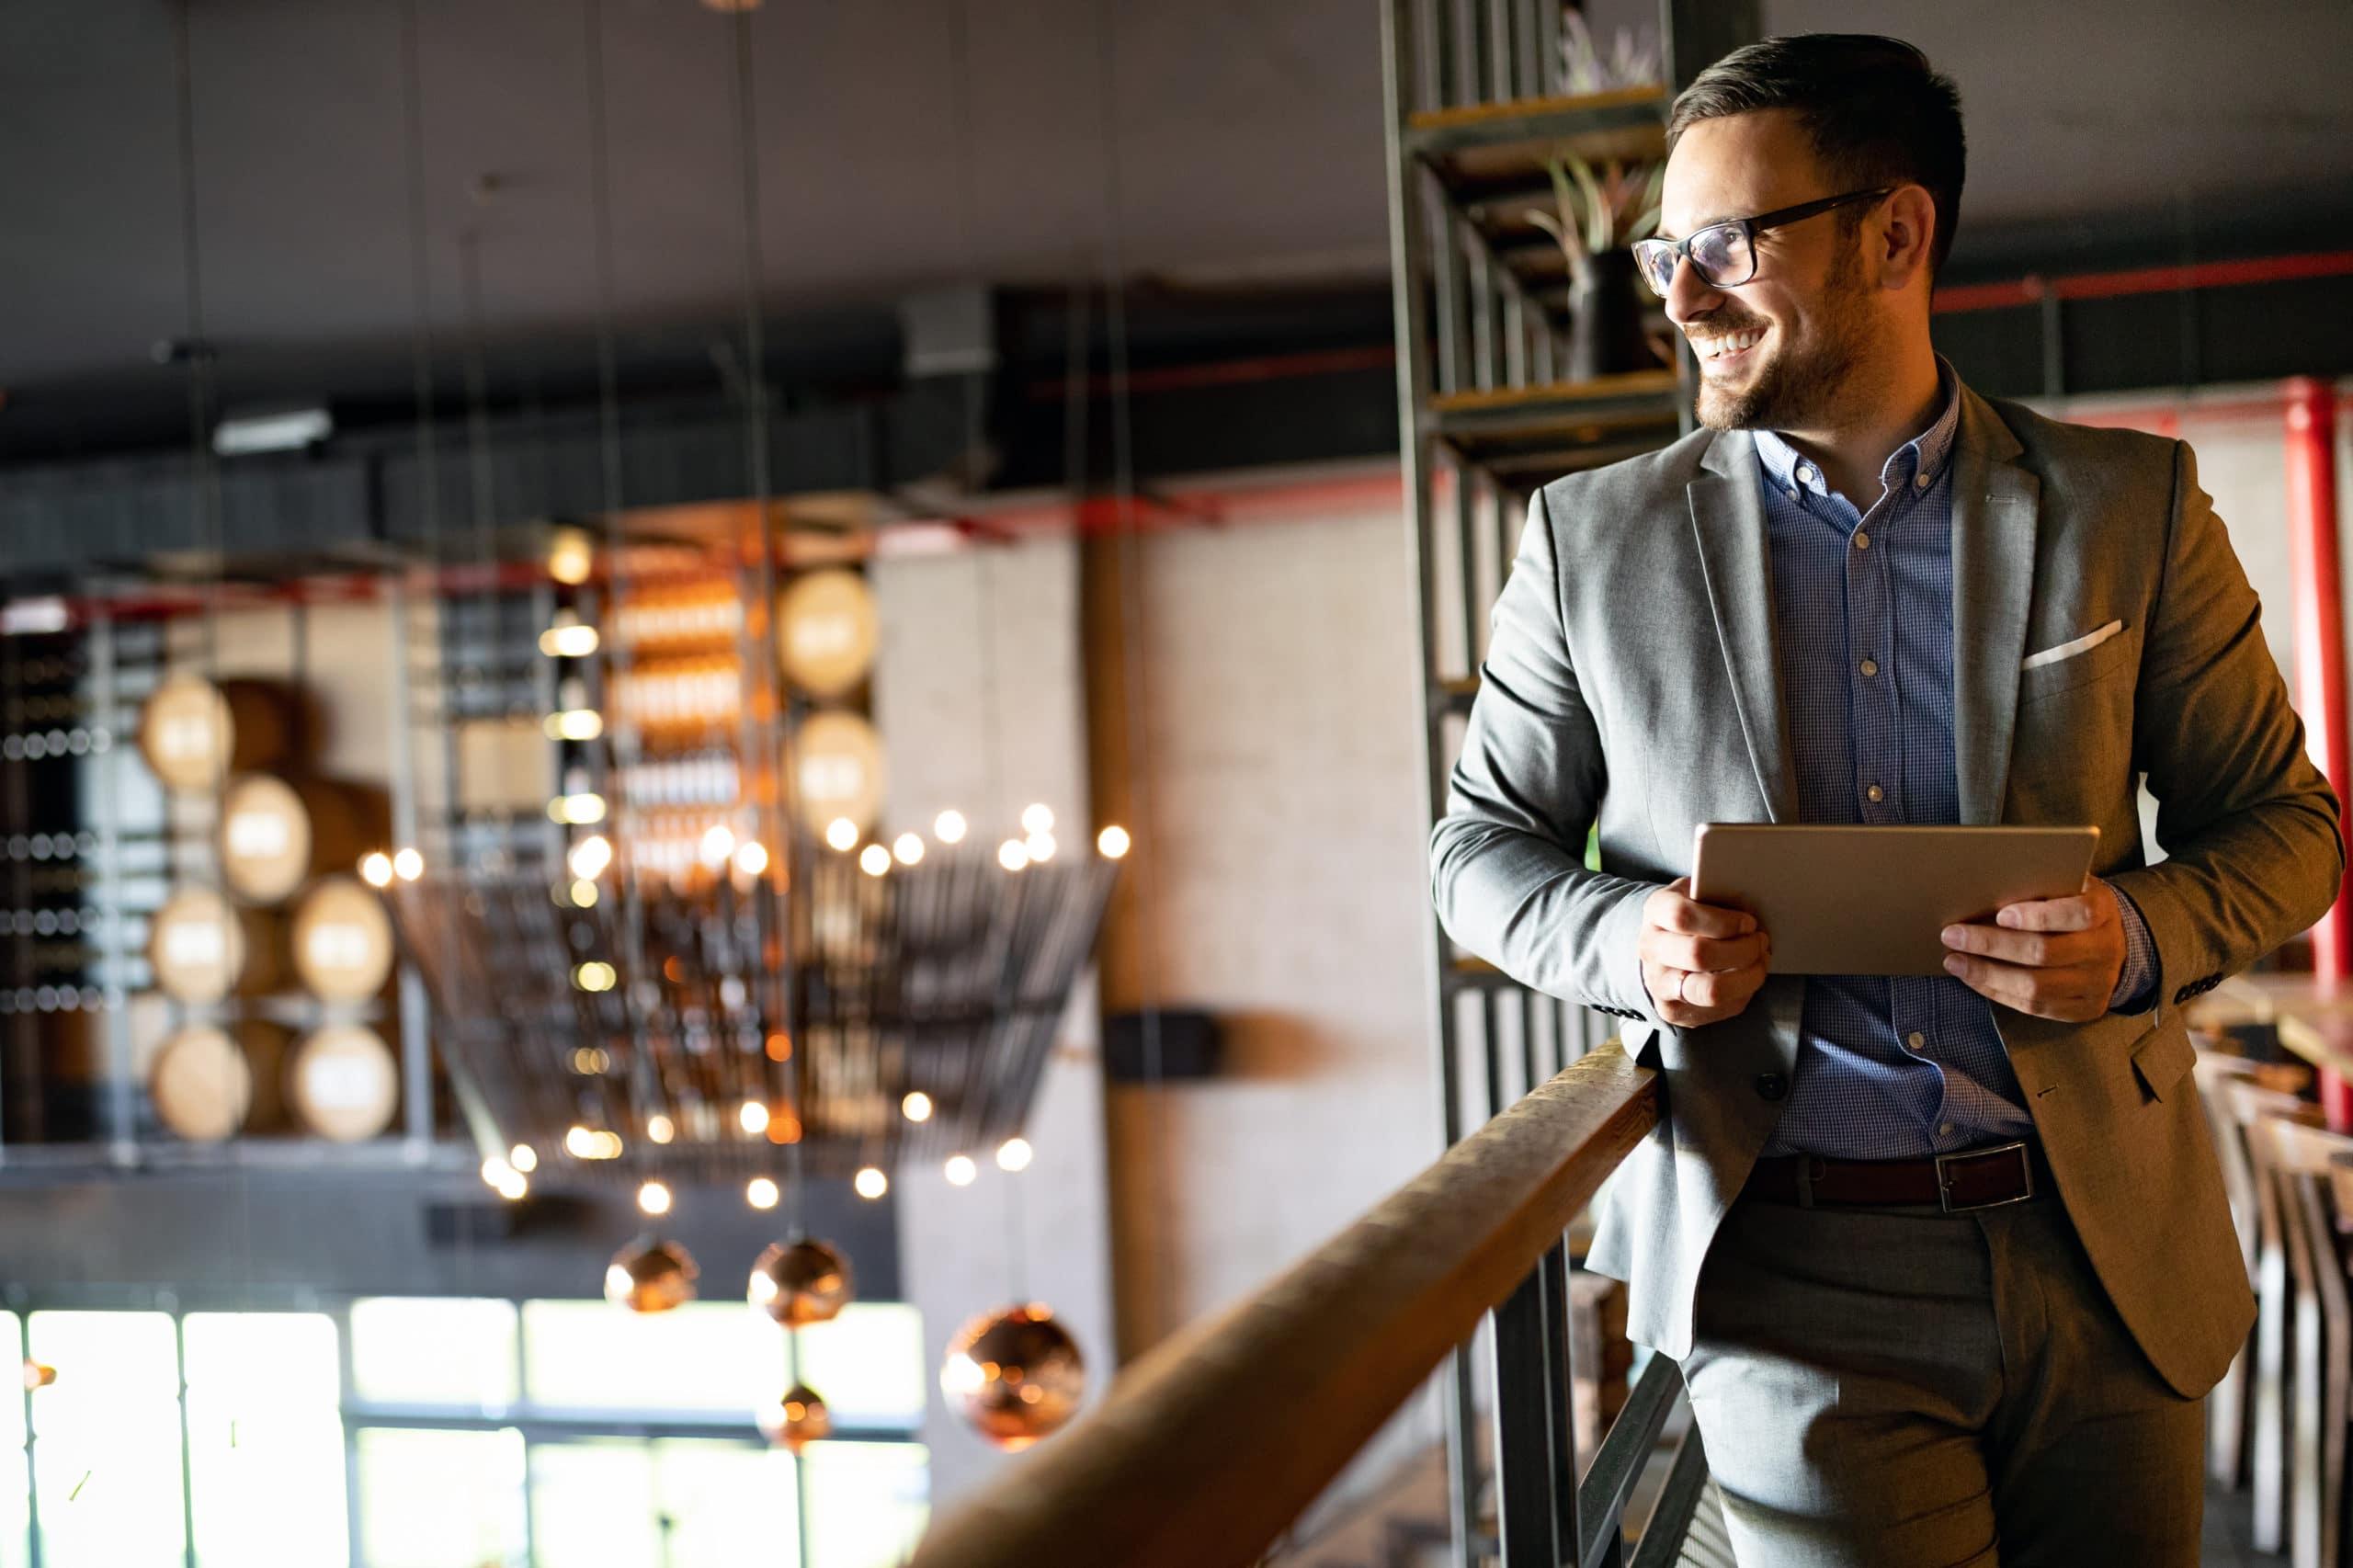 En man står och uppe på en öppen övervåning och tittar ut över interiören på någon form av företagslokal. Han har kostym och håller i en surfplatta och ser nöjd ut.